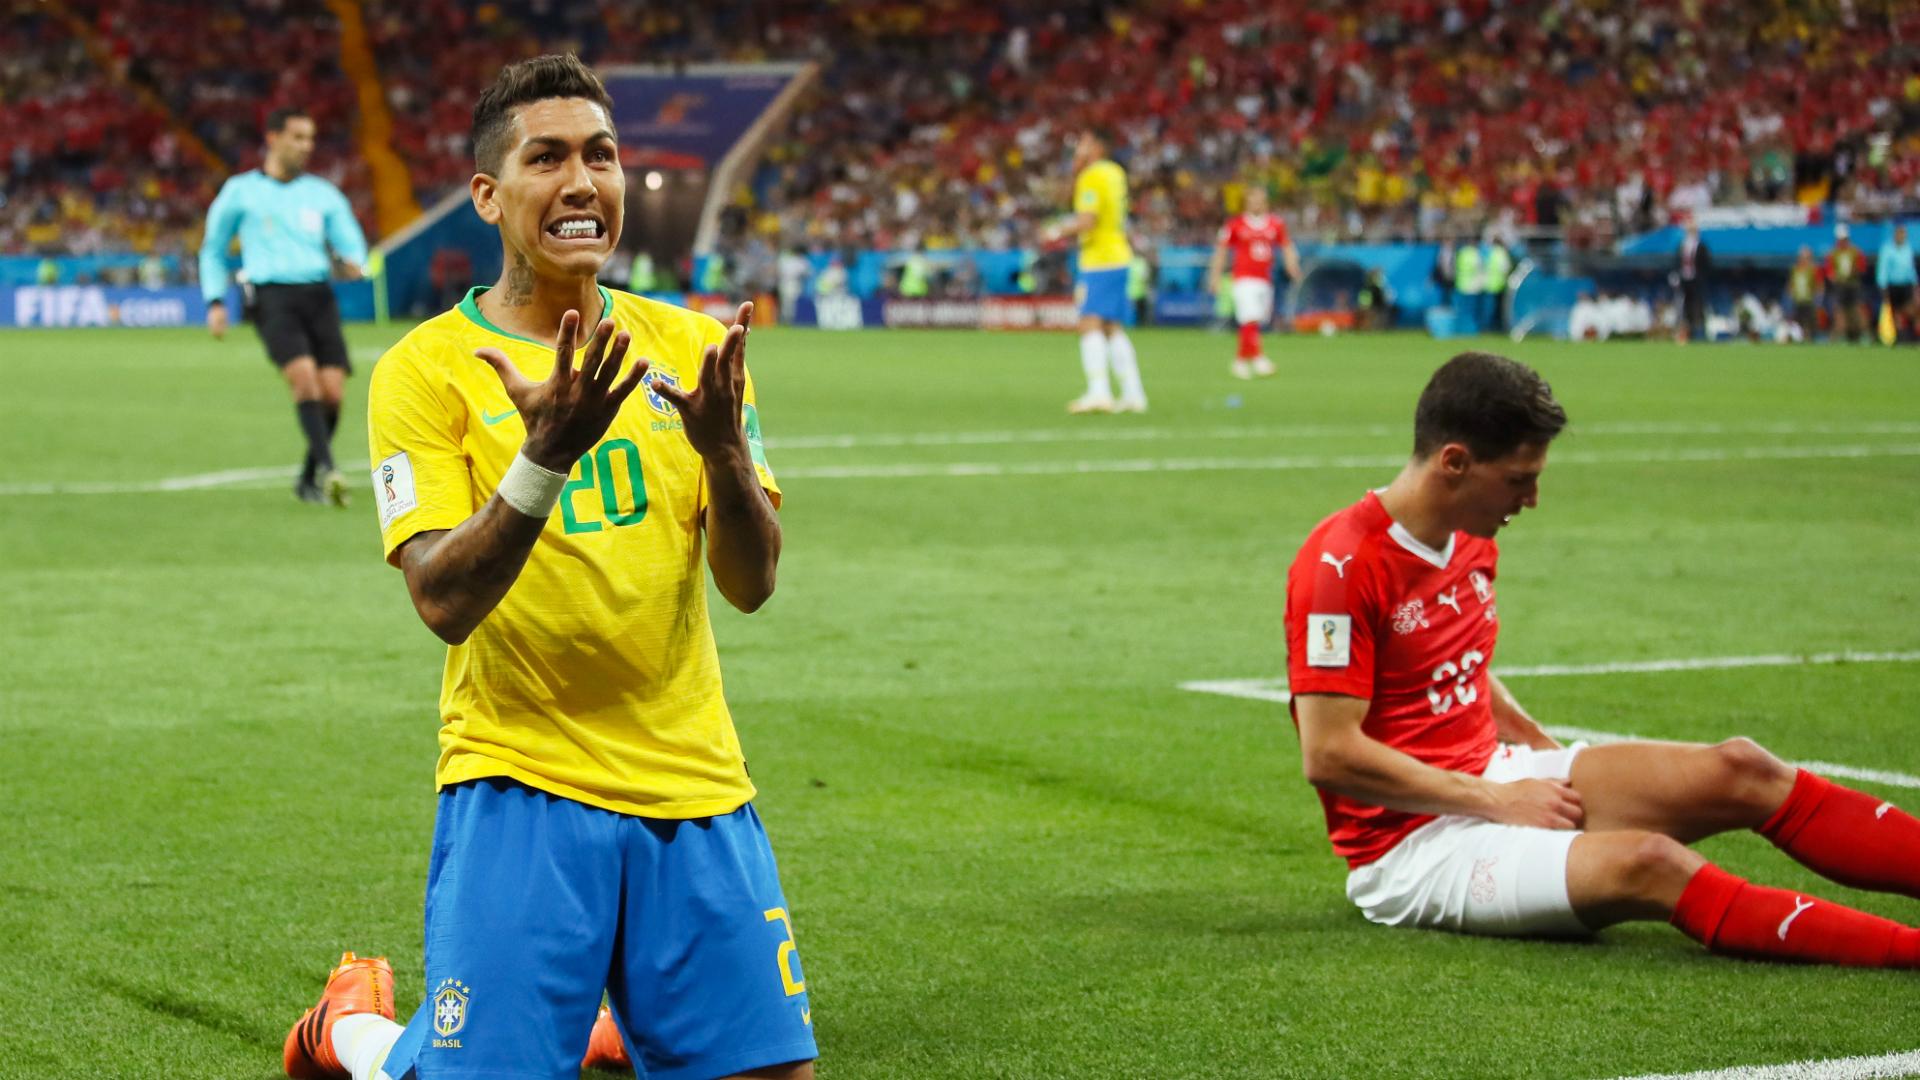 brasilien gegen costa rica so seht ihr die highlights